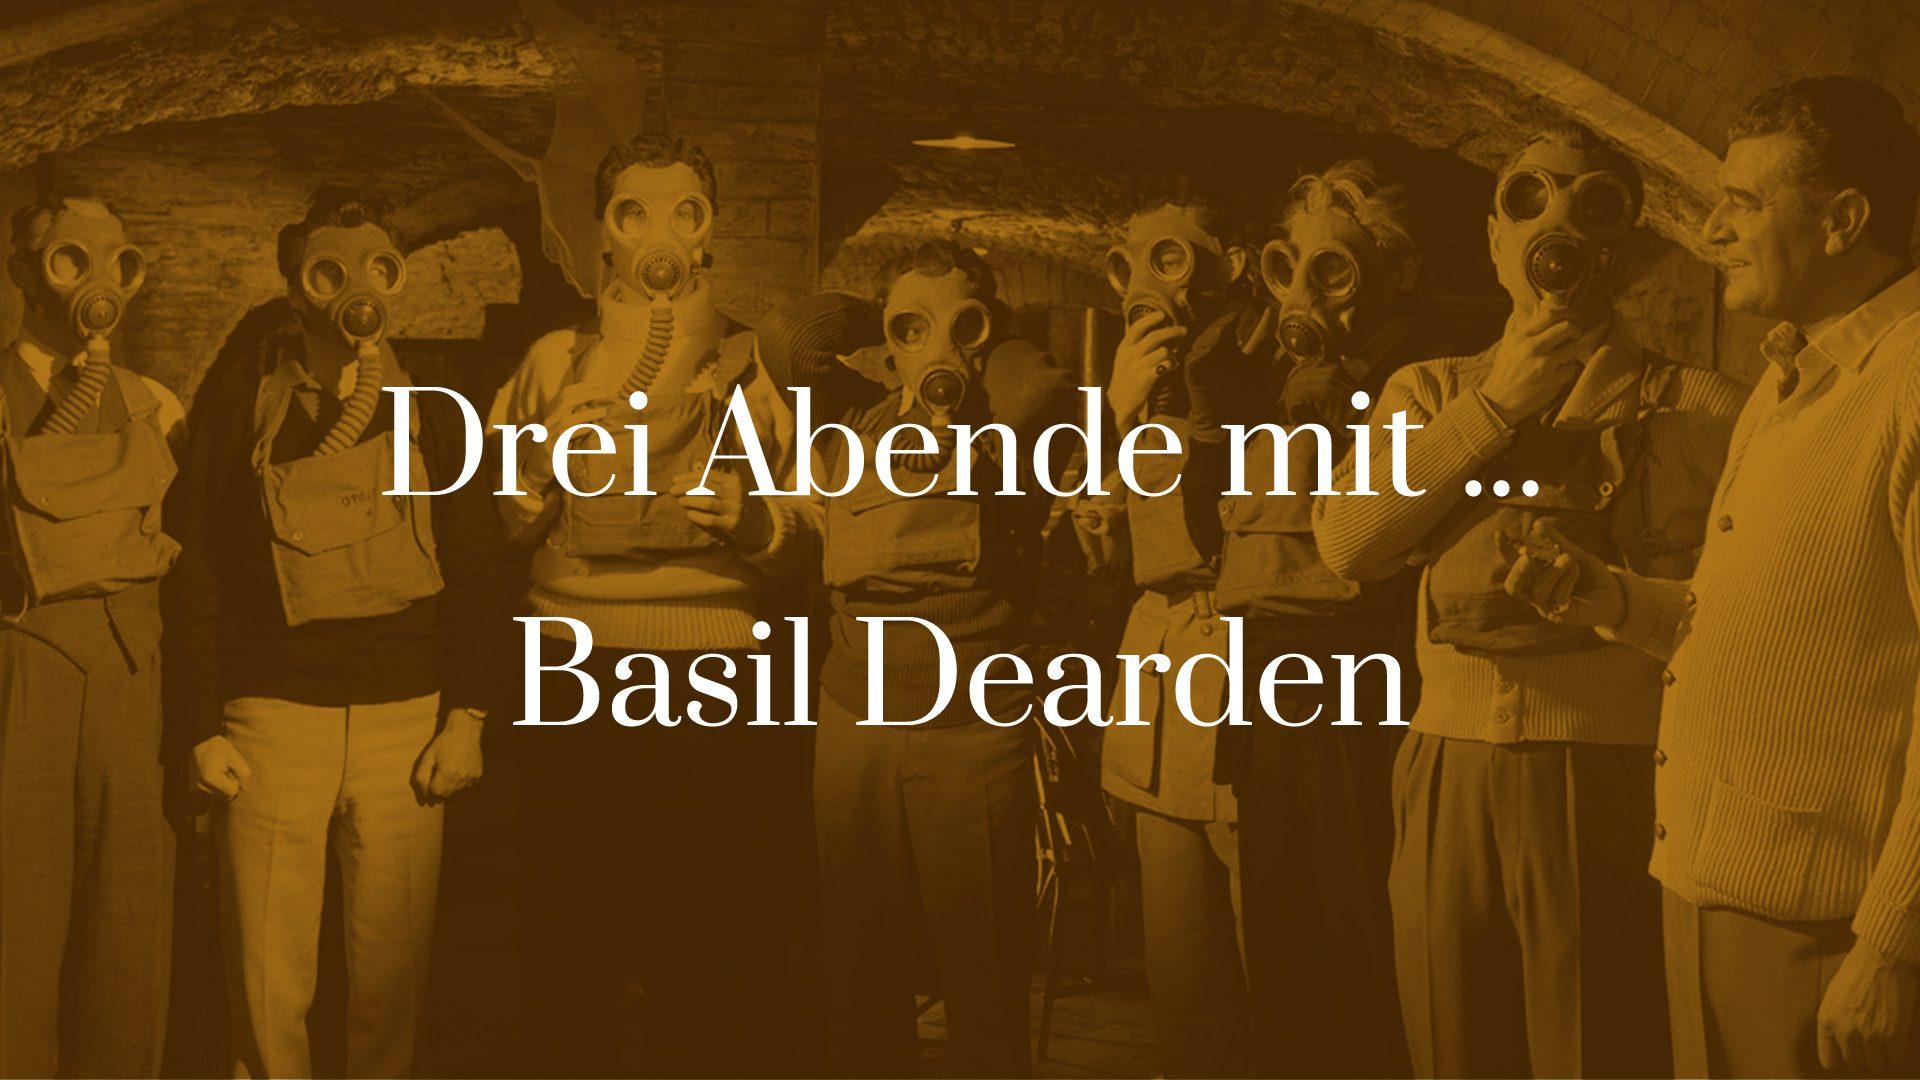 Symbolbild zu Drei Abende mit Basil Dearden